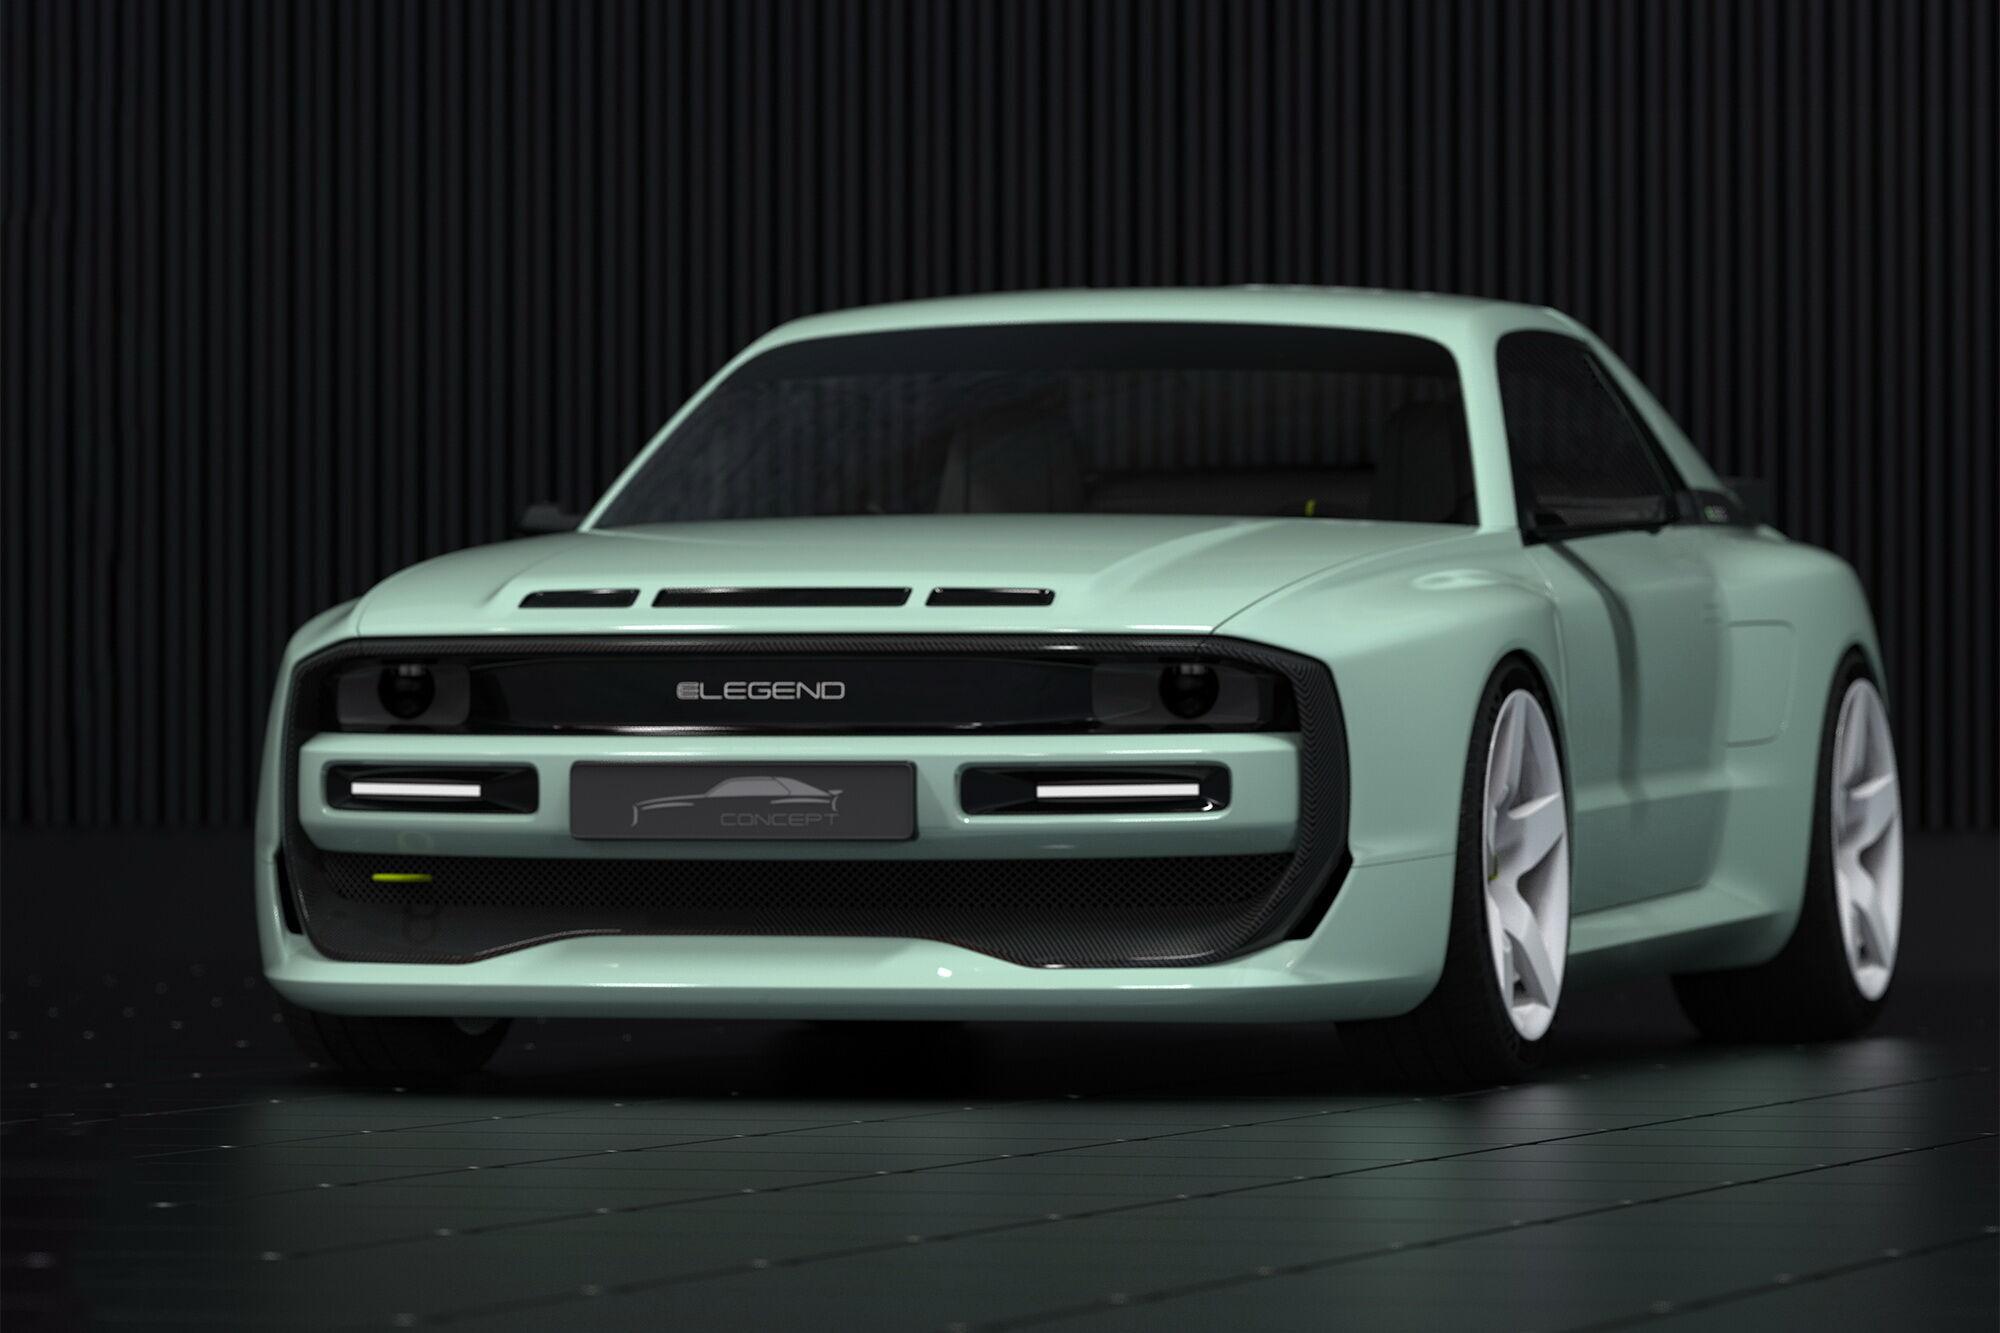 Автомобіль оснащений трьома електромоторами сумарною потужністю 816 к.с. і здатний розганятися до 255 км/год